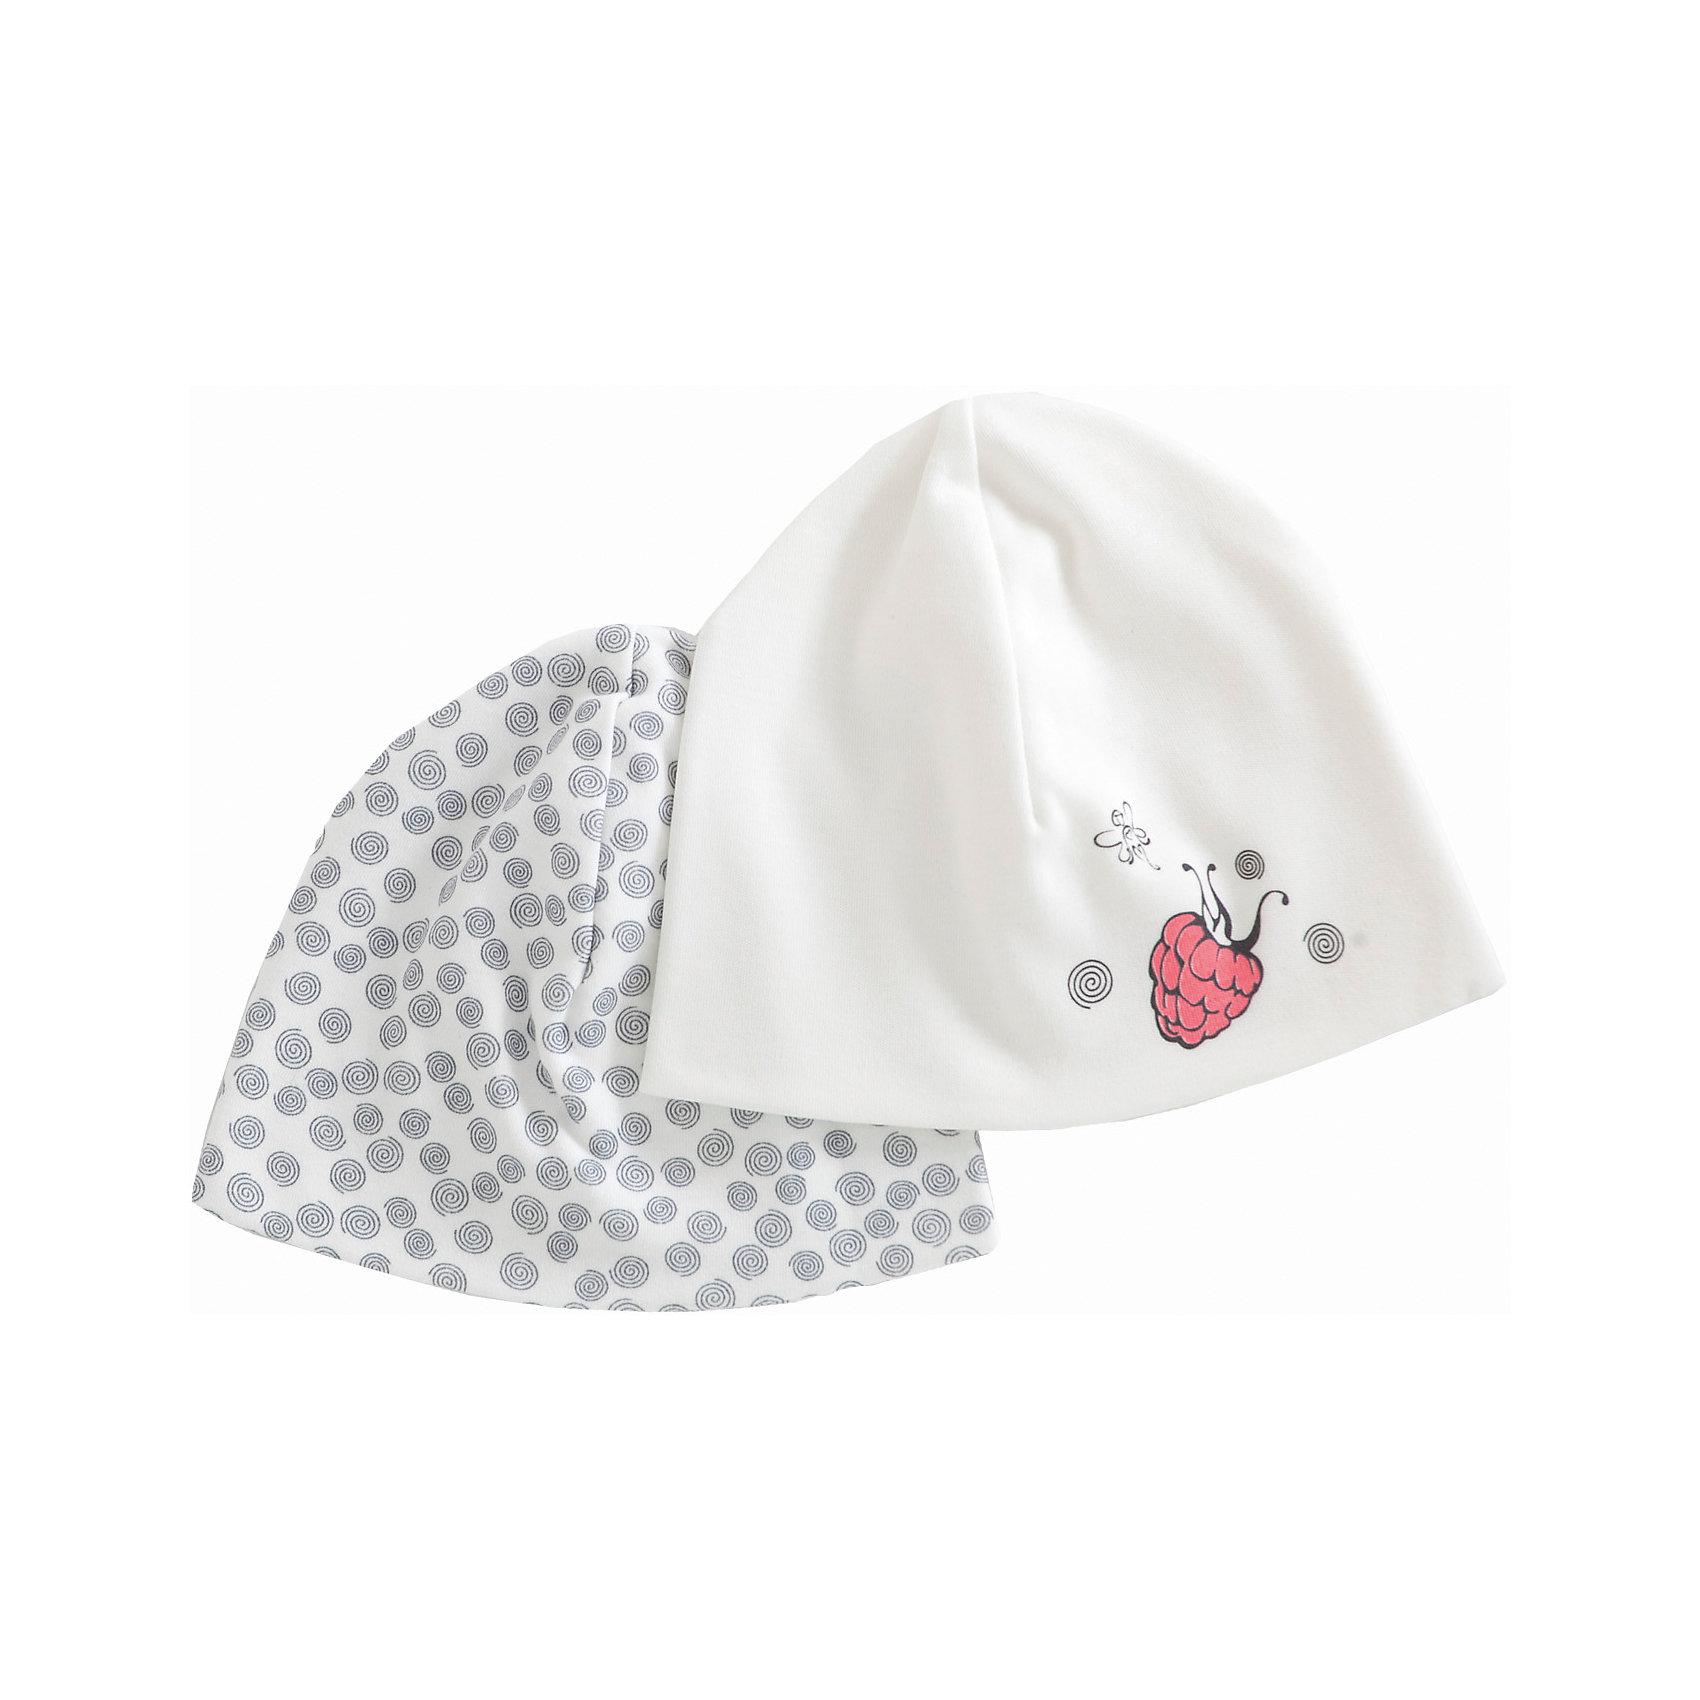 Шапка ,2 шт МамуляндияШапочки<br>Шапка ,2 шт Мамуляндия<br>Комплект шапочек (2 шт.) для девочки из дизайнерской коллекции Ягодки, выполнен из трикотажного полотна высшего качества. <br>Декорирован гипоаллергенным принтом на водной основе. <br><br>Состав 100% хлопок (интерлок-пенье). <br>Рекомендации по уходу: стирать при 40 С, гладить при средней температуре, носить с удовольствием!<br>Состав:<br>100% хлопок<br><br>Ширина мм: 89<br>Глубина мм: 117<br>Высота мм: 44<br>Вес г: 155<br>Цвет: серый<br>Возраст от месяцев: 24<br>Возраст до месяцев: 24<br>Пол: Женский<br>Возраст: Детский<br>Размер: 52,40,44,48<br>SKU: 5513703